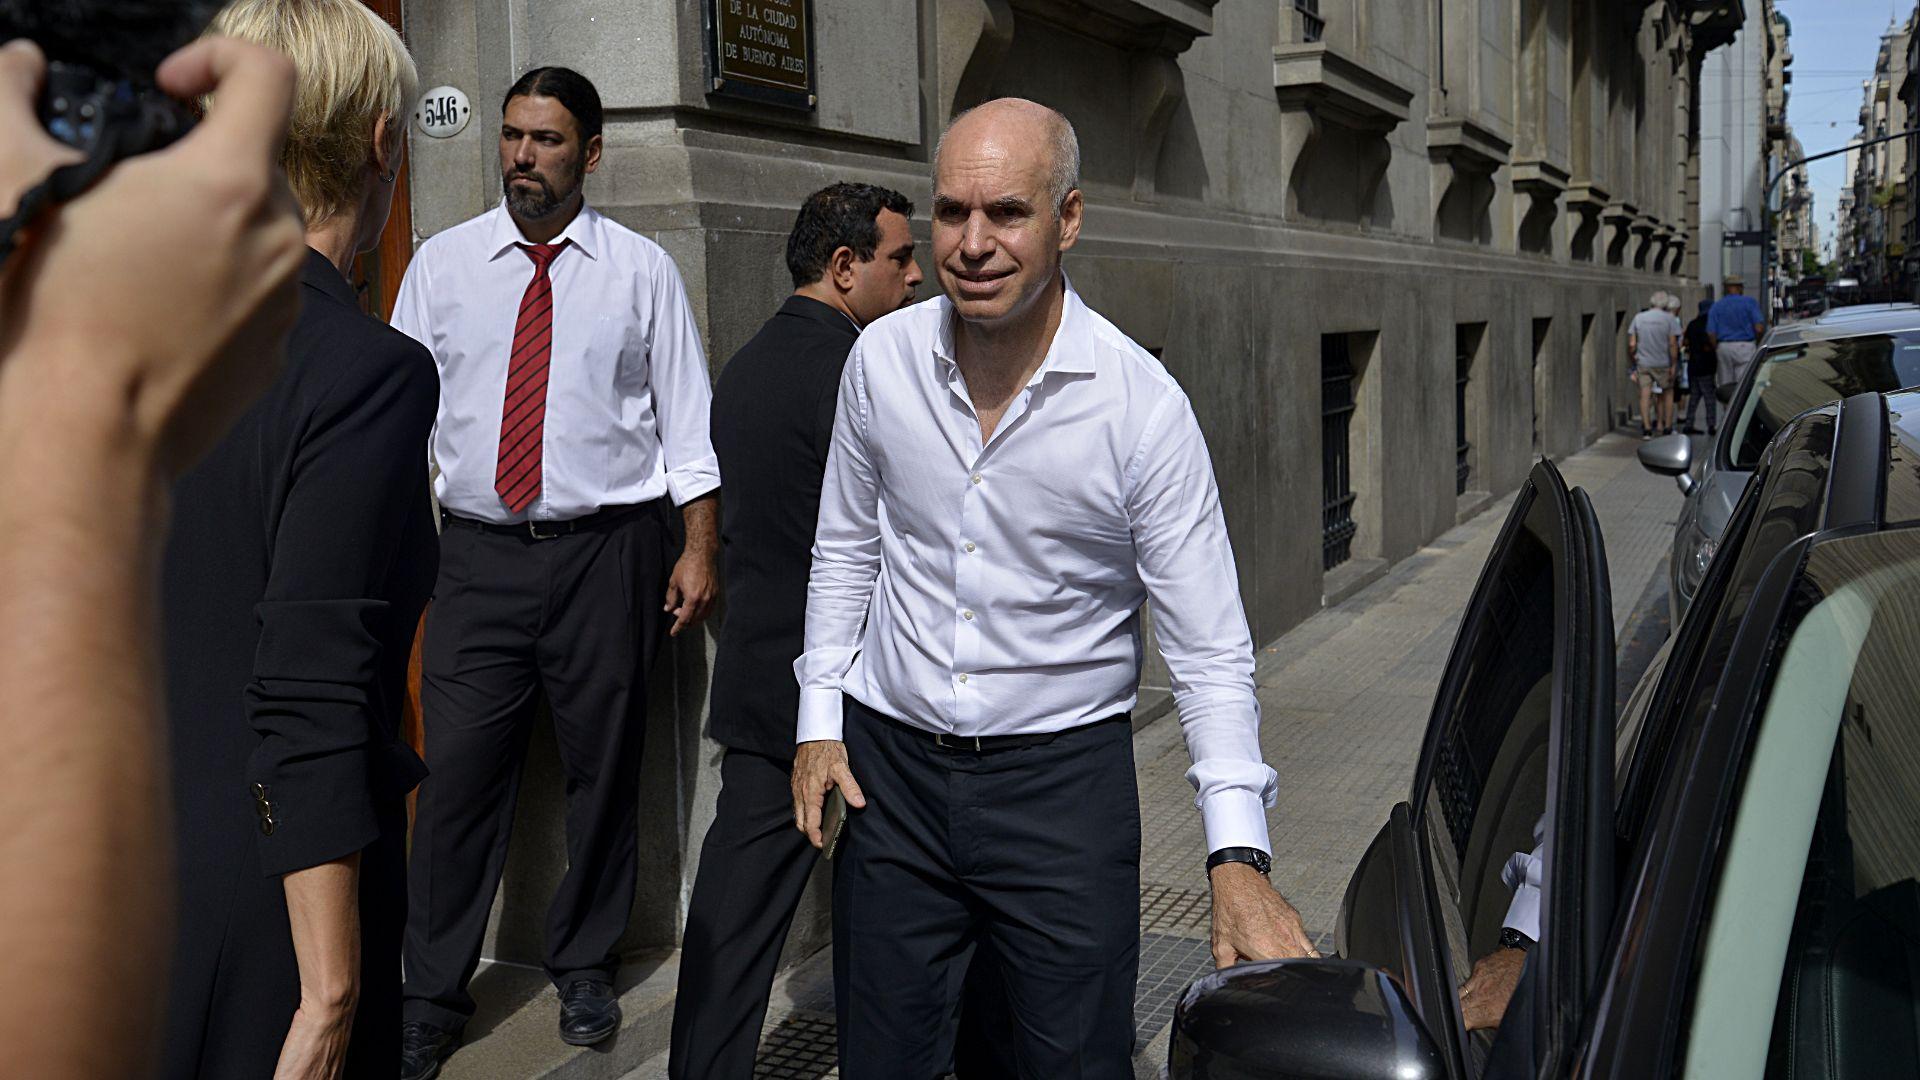 Horacio Rodríguez Larreta inauguró las sesiones ordinarias en la Legislatura porteña con un discurso que duró 55 minutos. El Jefe de Gobierno porteño lució una camisa blanca con botones desabrochados y sin corbata.